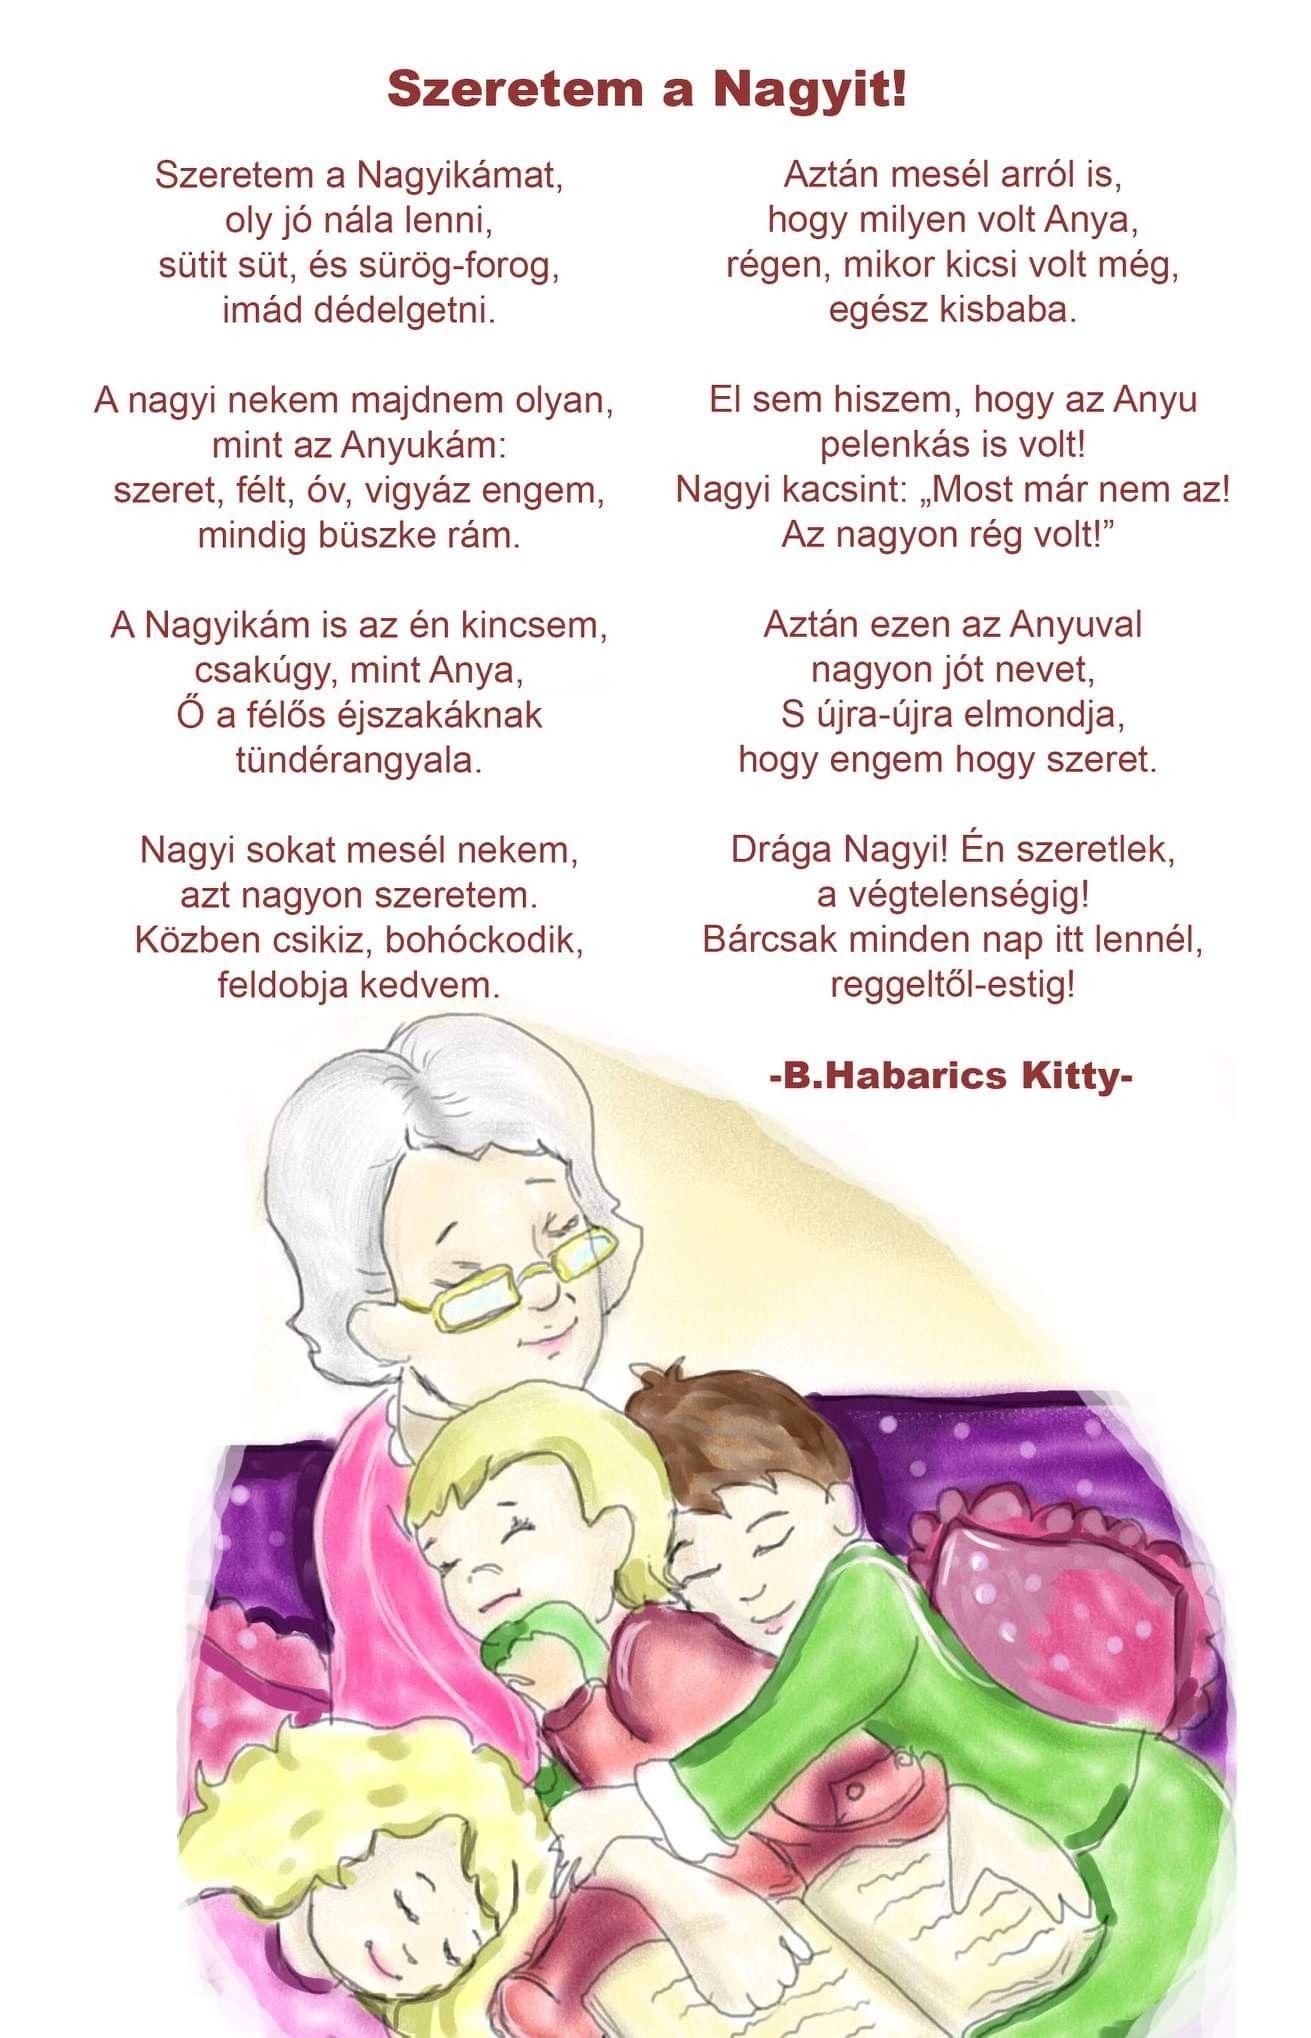 édesanyámnak idézetek versek csakúgy2 Pin by Bettina Magyari on anyák napja | Mom day, Mother's day diy